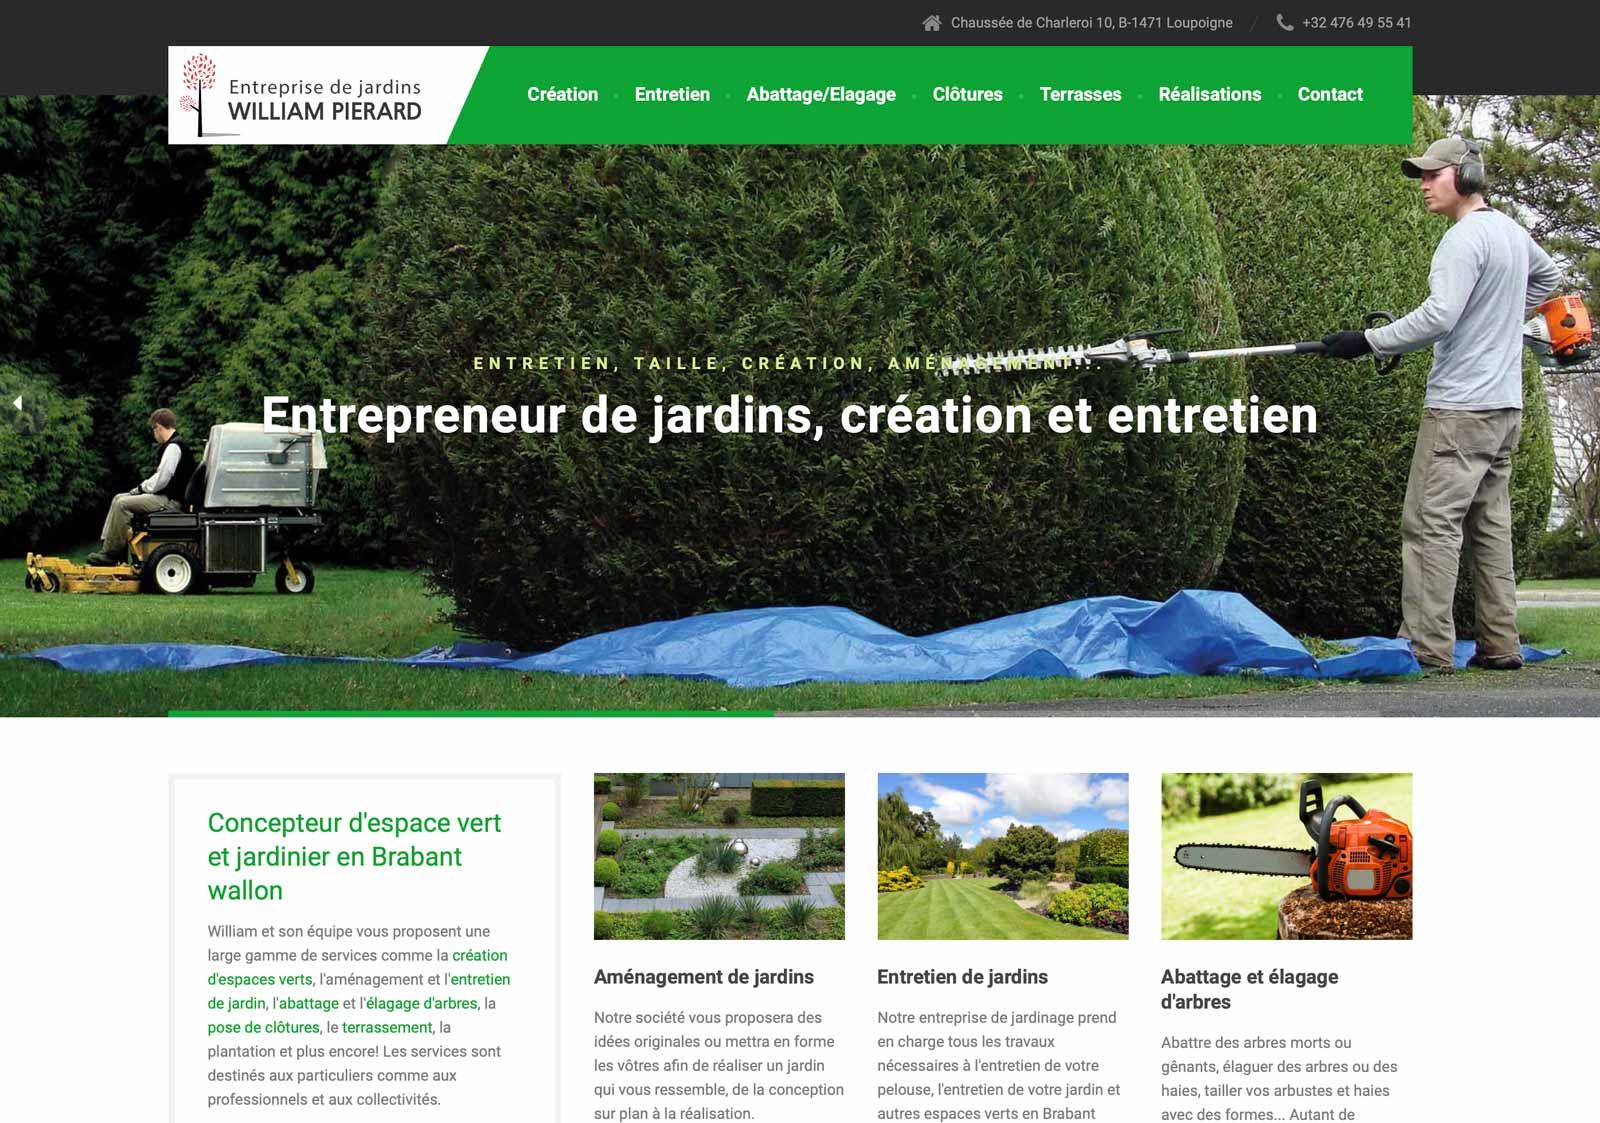 referencement site web entreprise de jardins